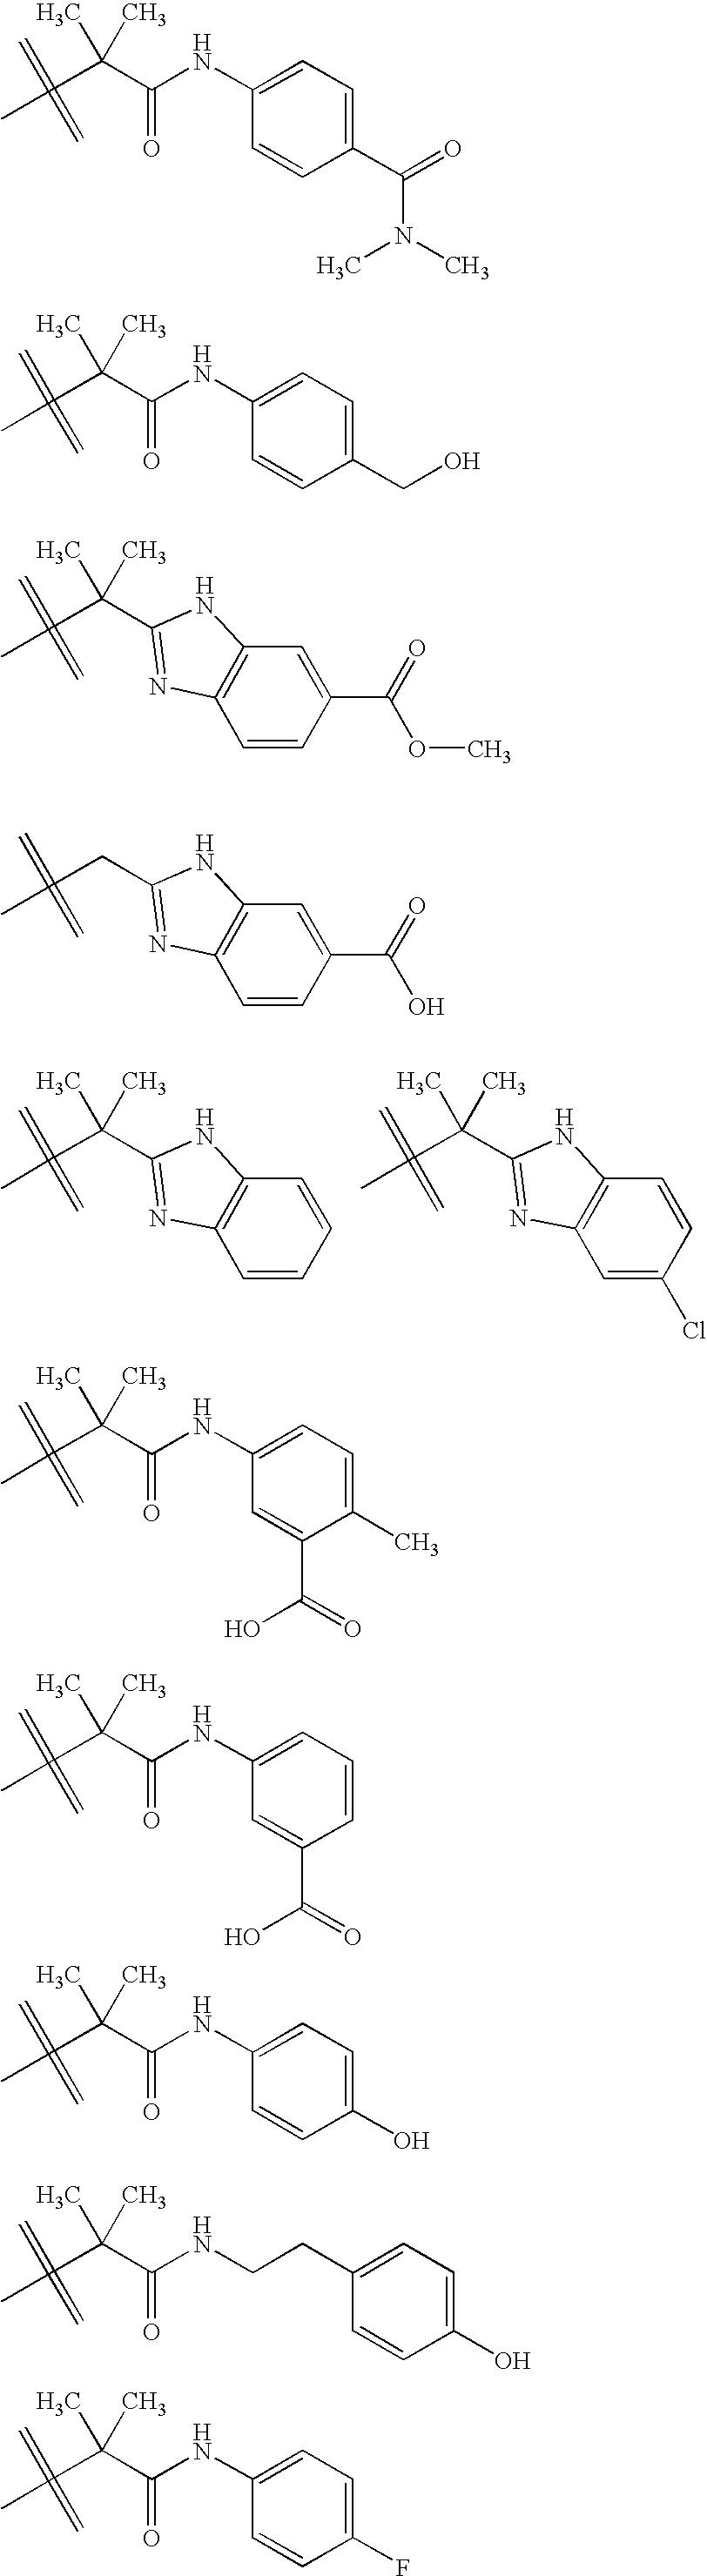 Figure US20070049593A1-20070301-C00174